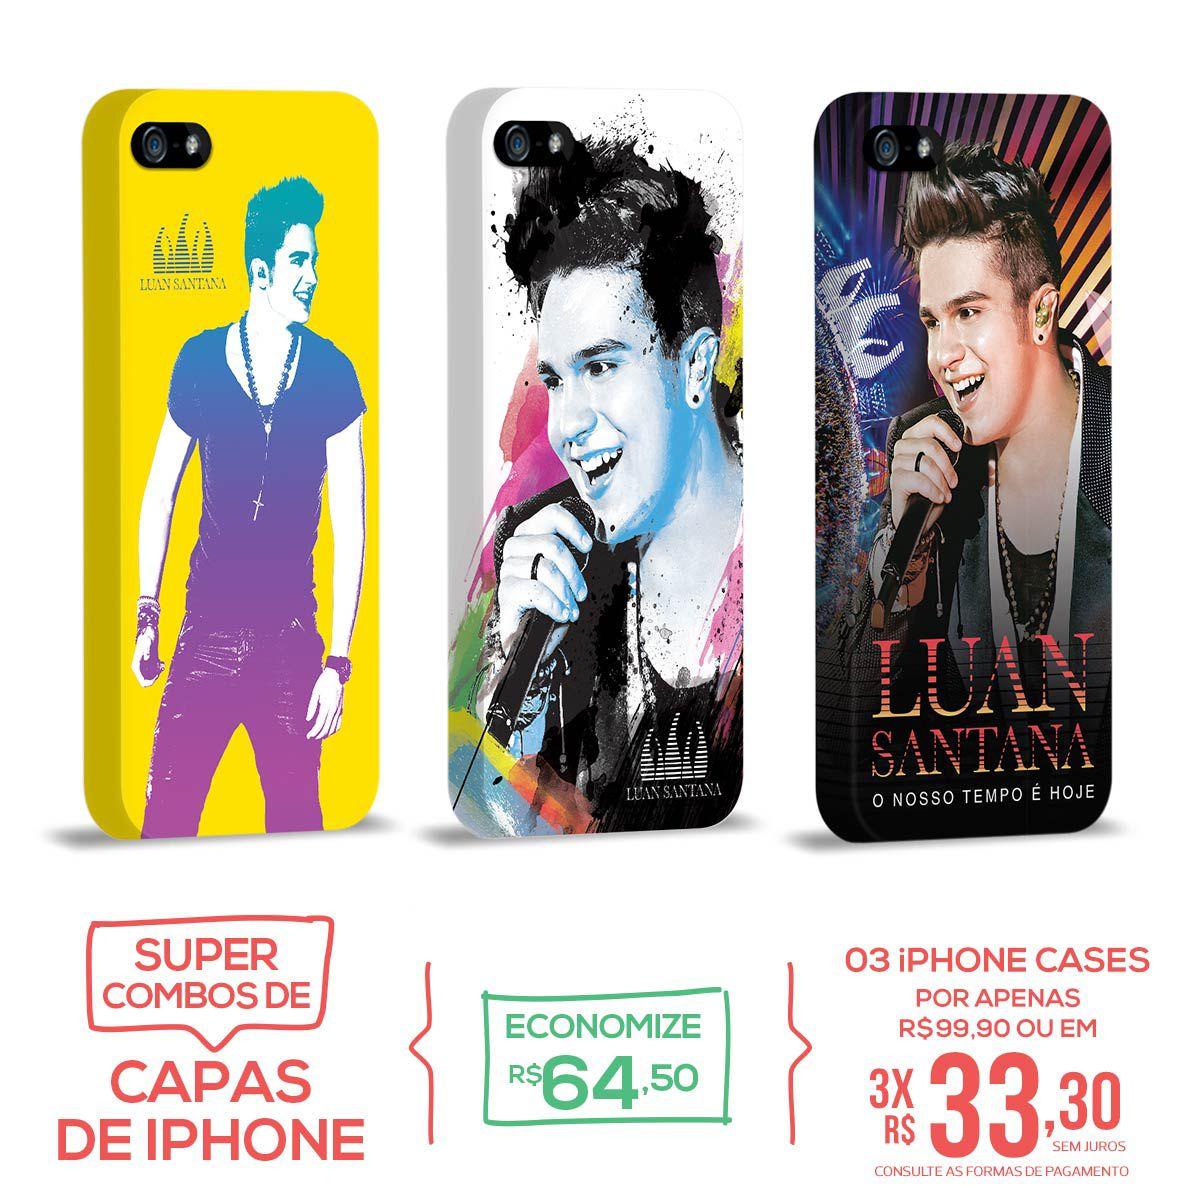 Kit Com 3 Capas de iPhone 5/5S Luan Santana - O Nosso Tempo é Hoje